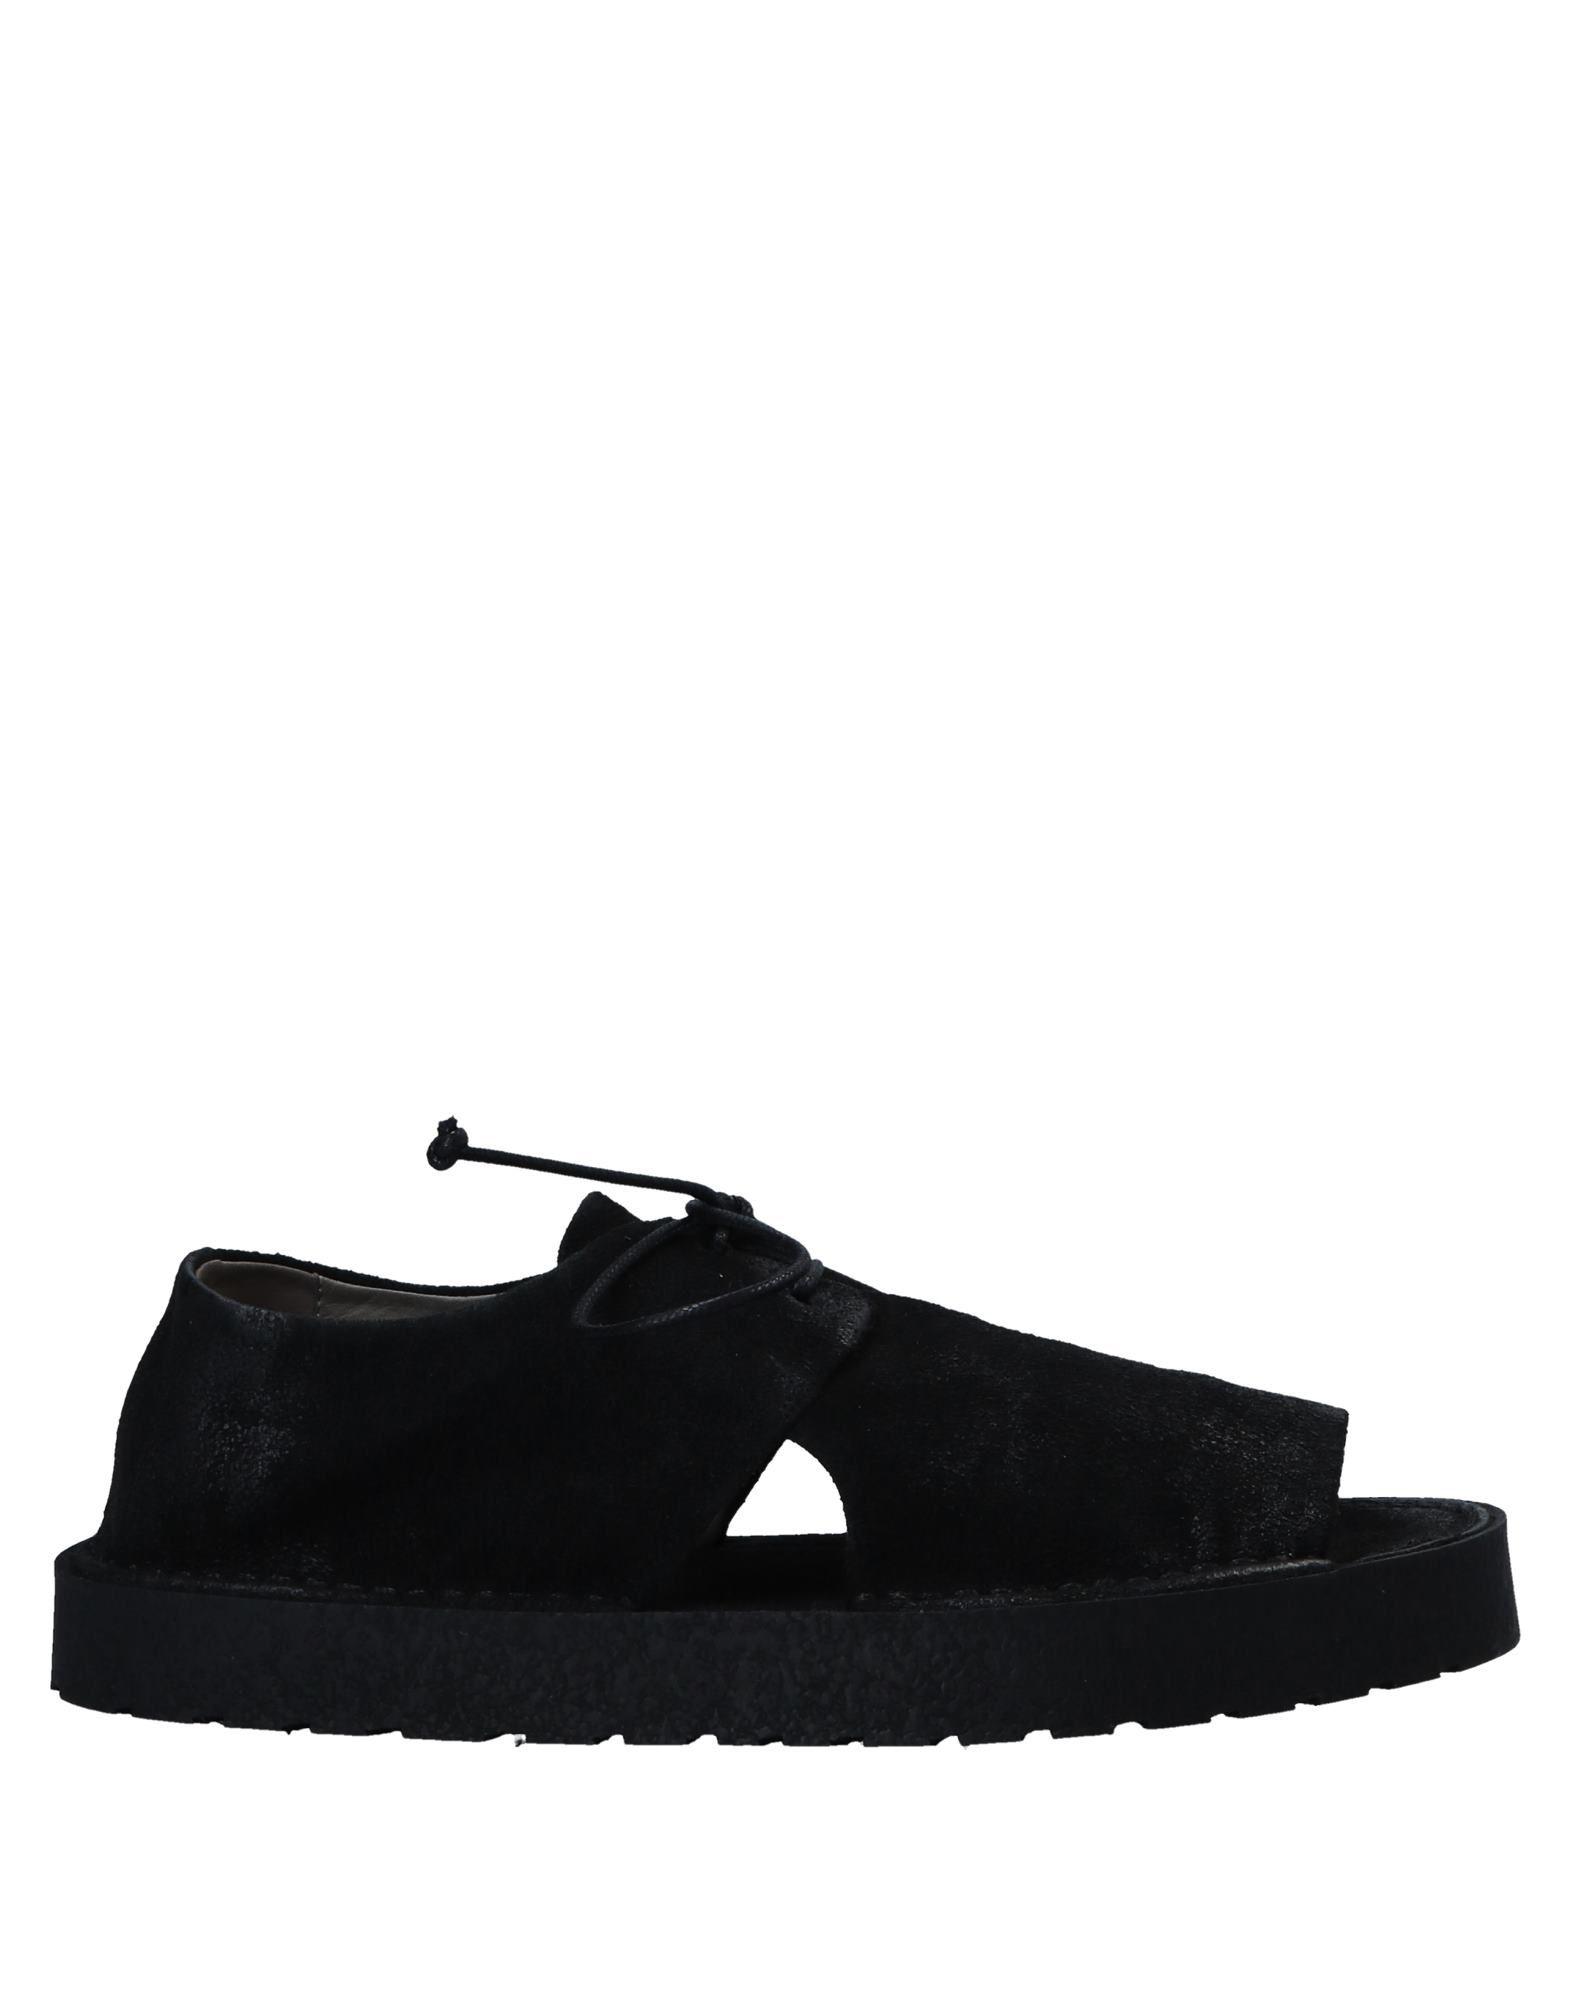 Marsèll Schnürschuhe Herren  11551328SX Gute Qualität beliebte Schuhe